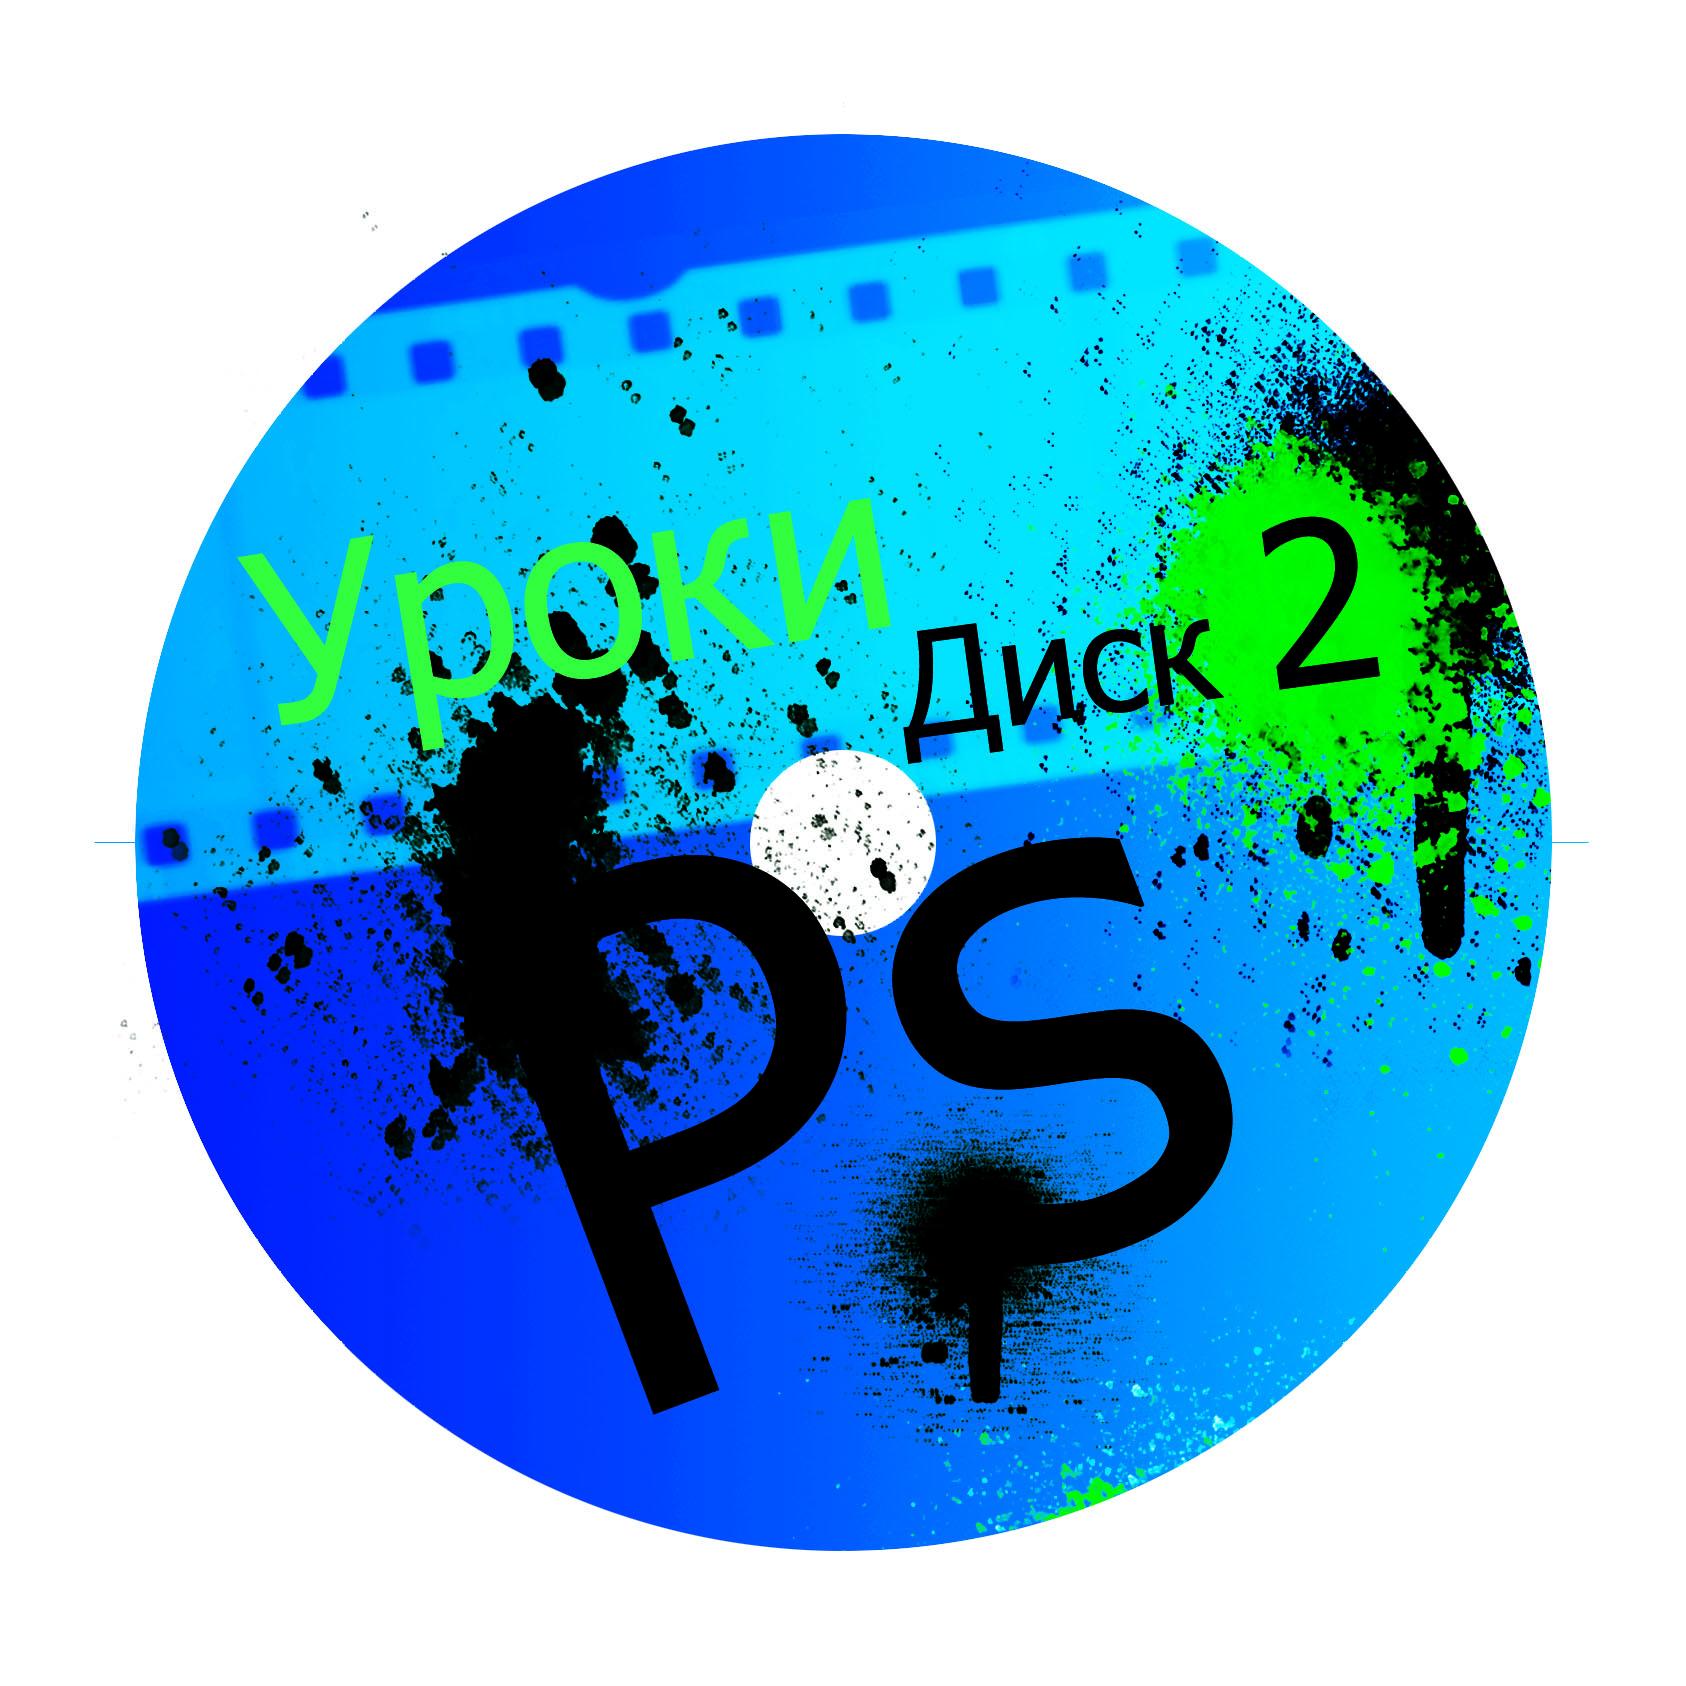 Создание дизайна DVD релиза (обложка, накатка, меню и т.п.) фото f_4d8b9d24b08ba.jpg